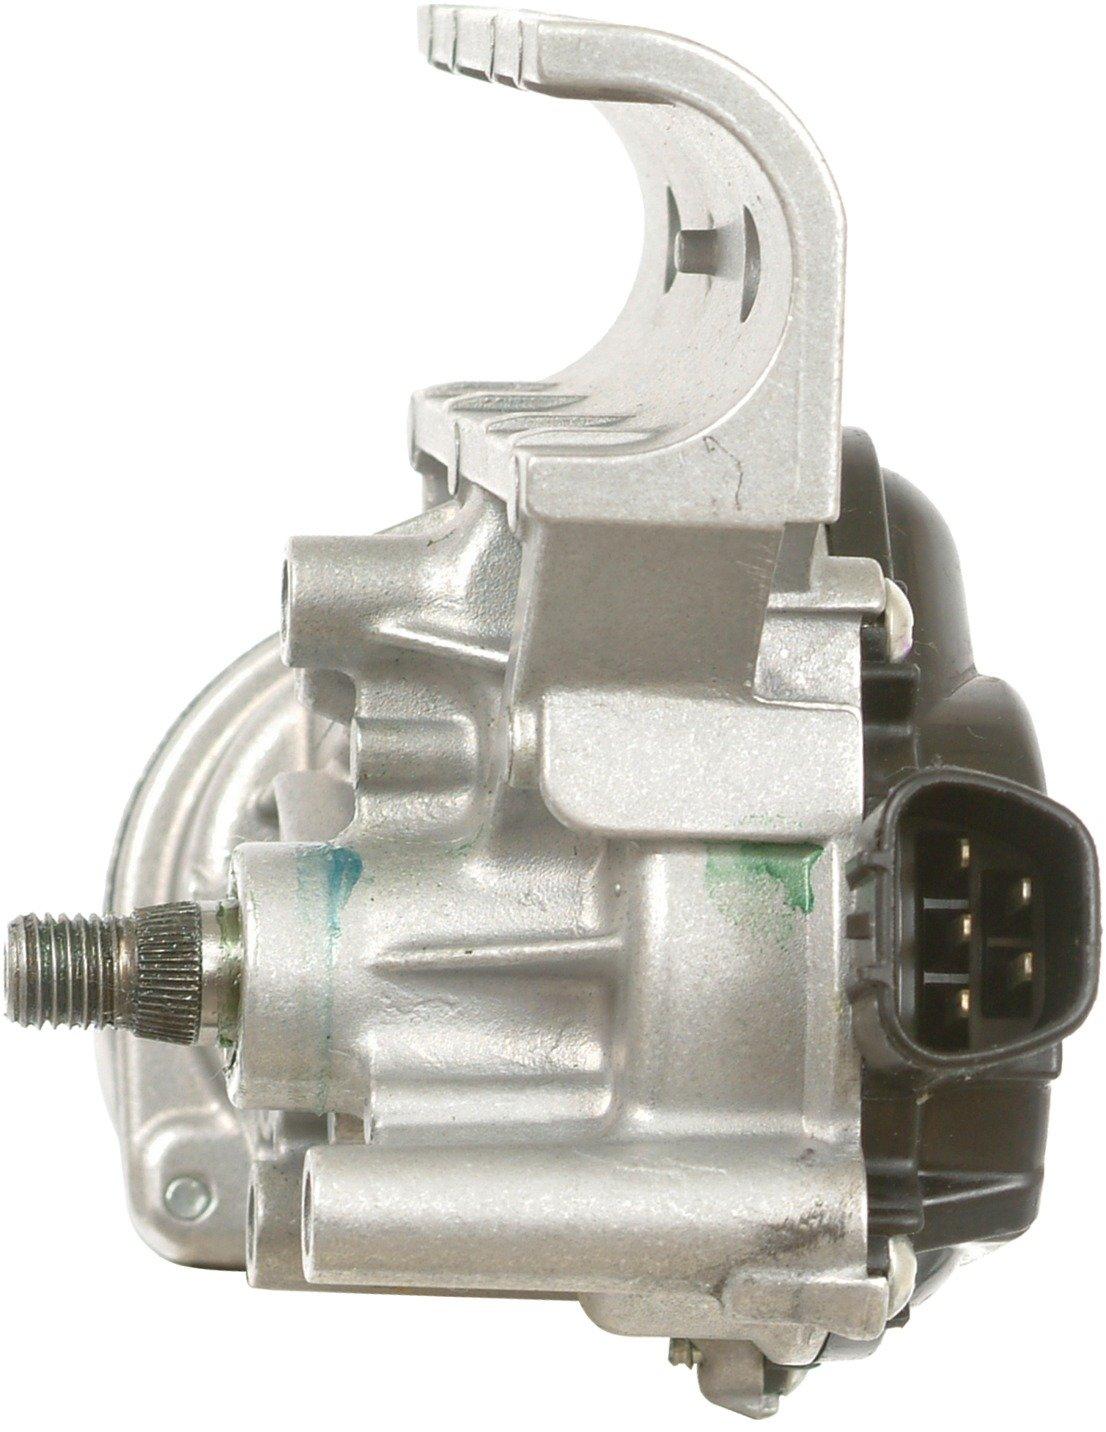 A1 Cardone 43 - 4078 Motor para limpiaparabrisas: Amazon.es: Coche y moto